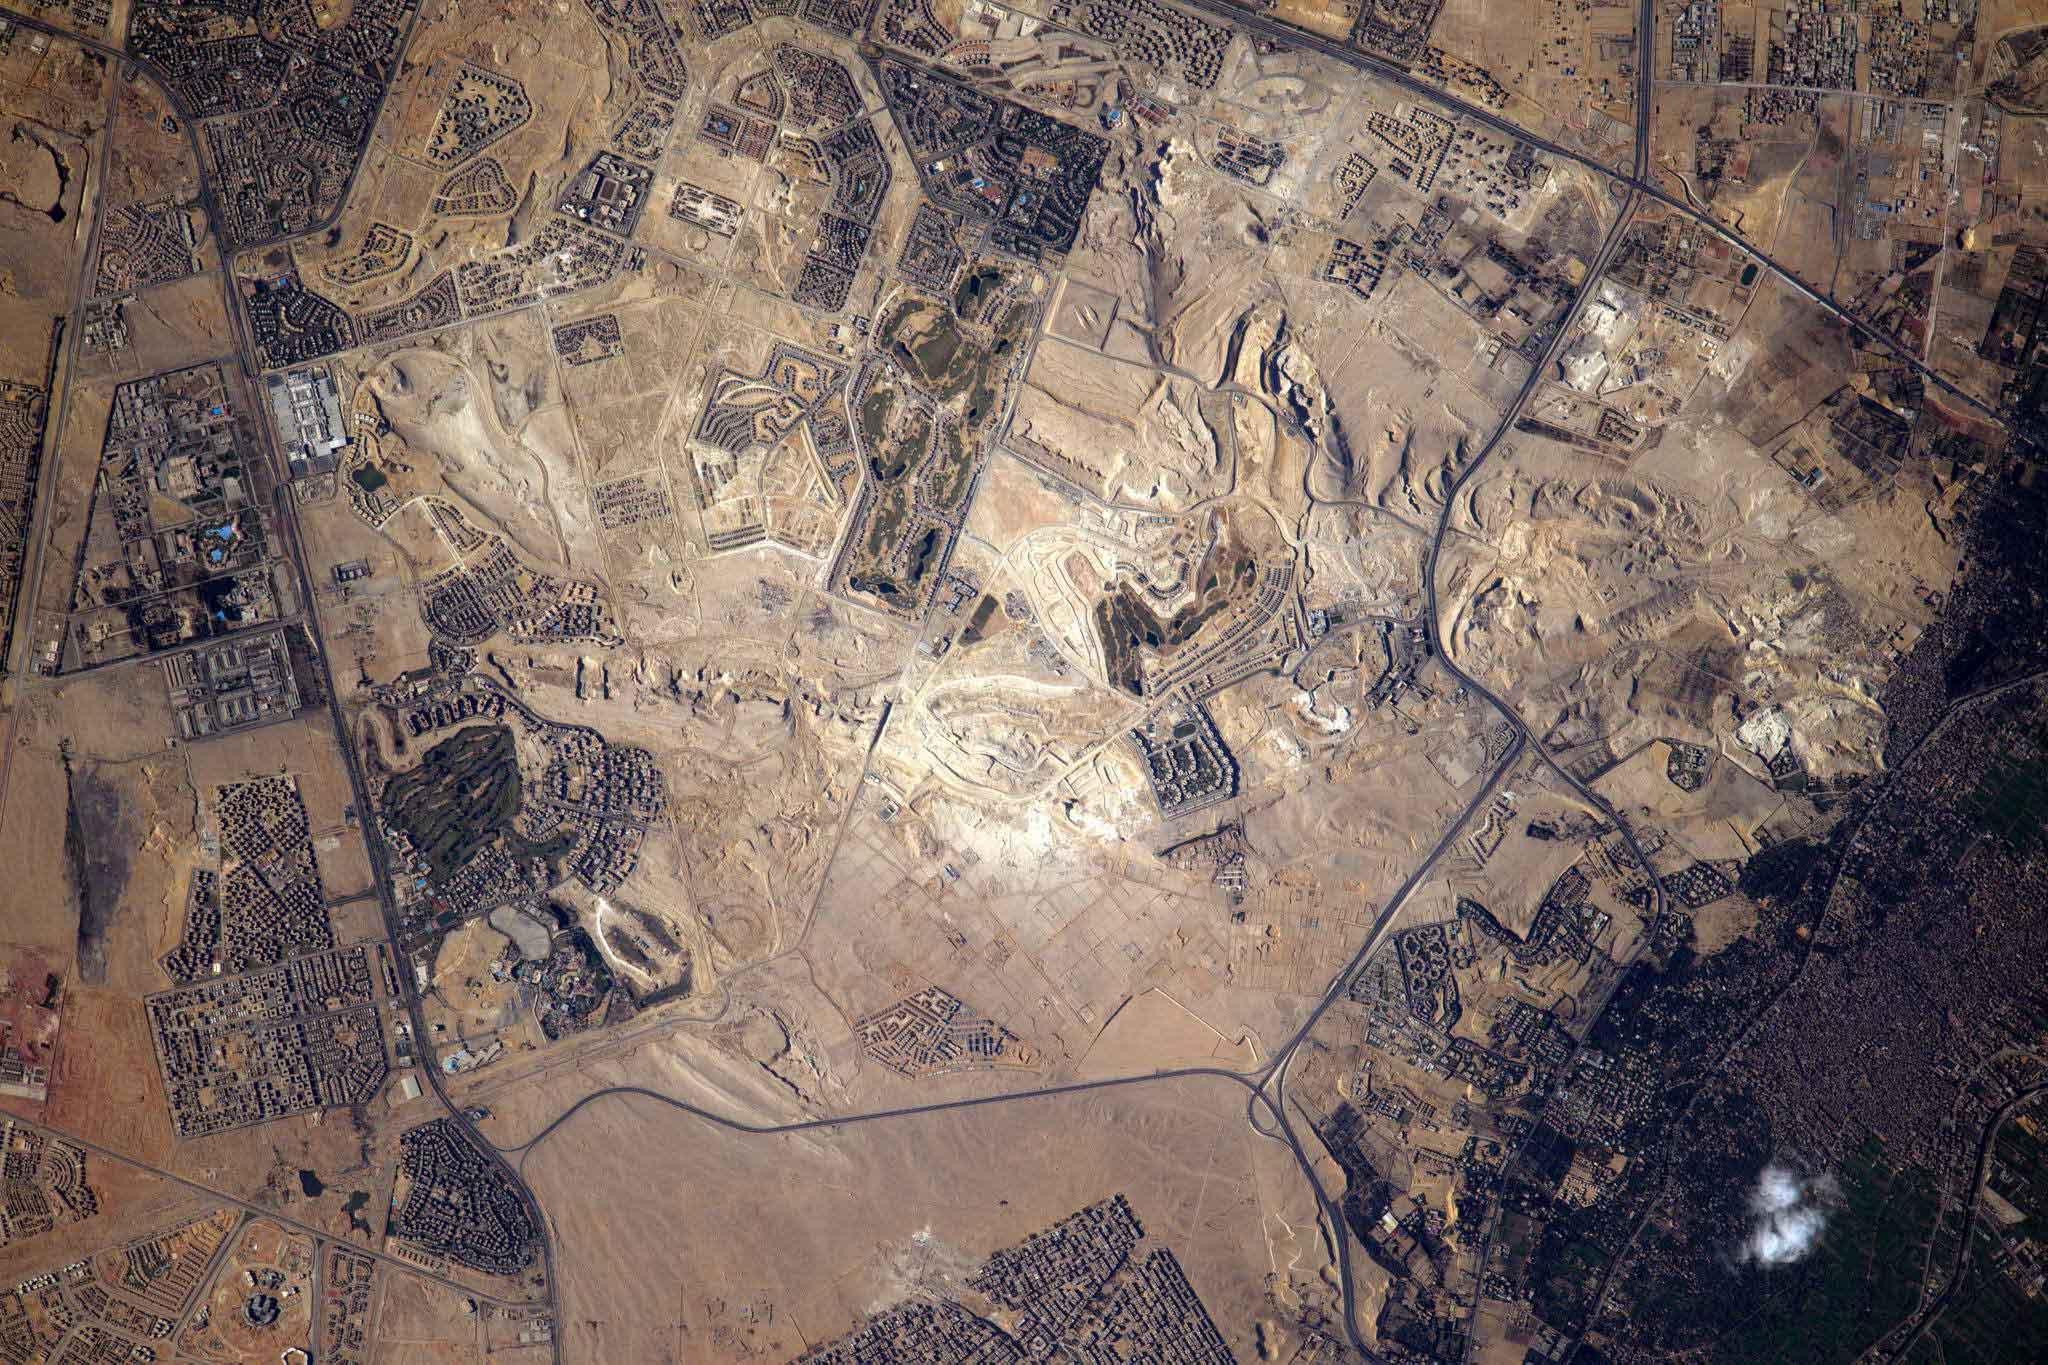 мышечная ткань, пирамиды египта фото со спутника оборудованном песчано-галечном